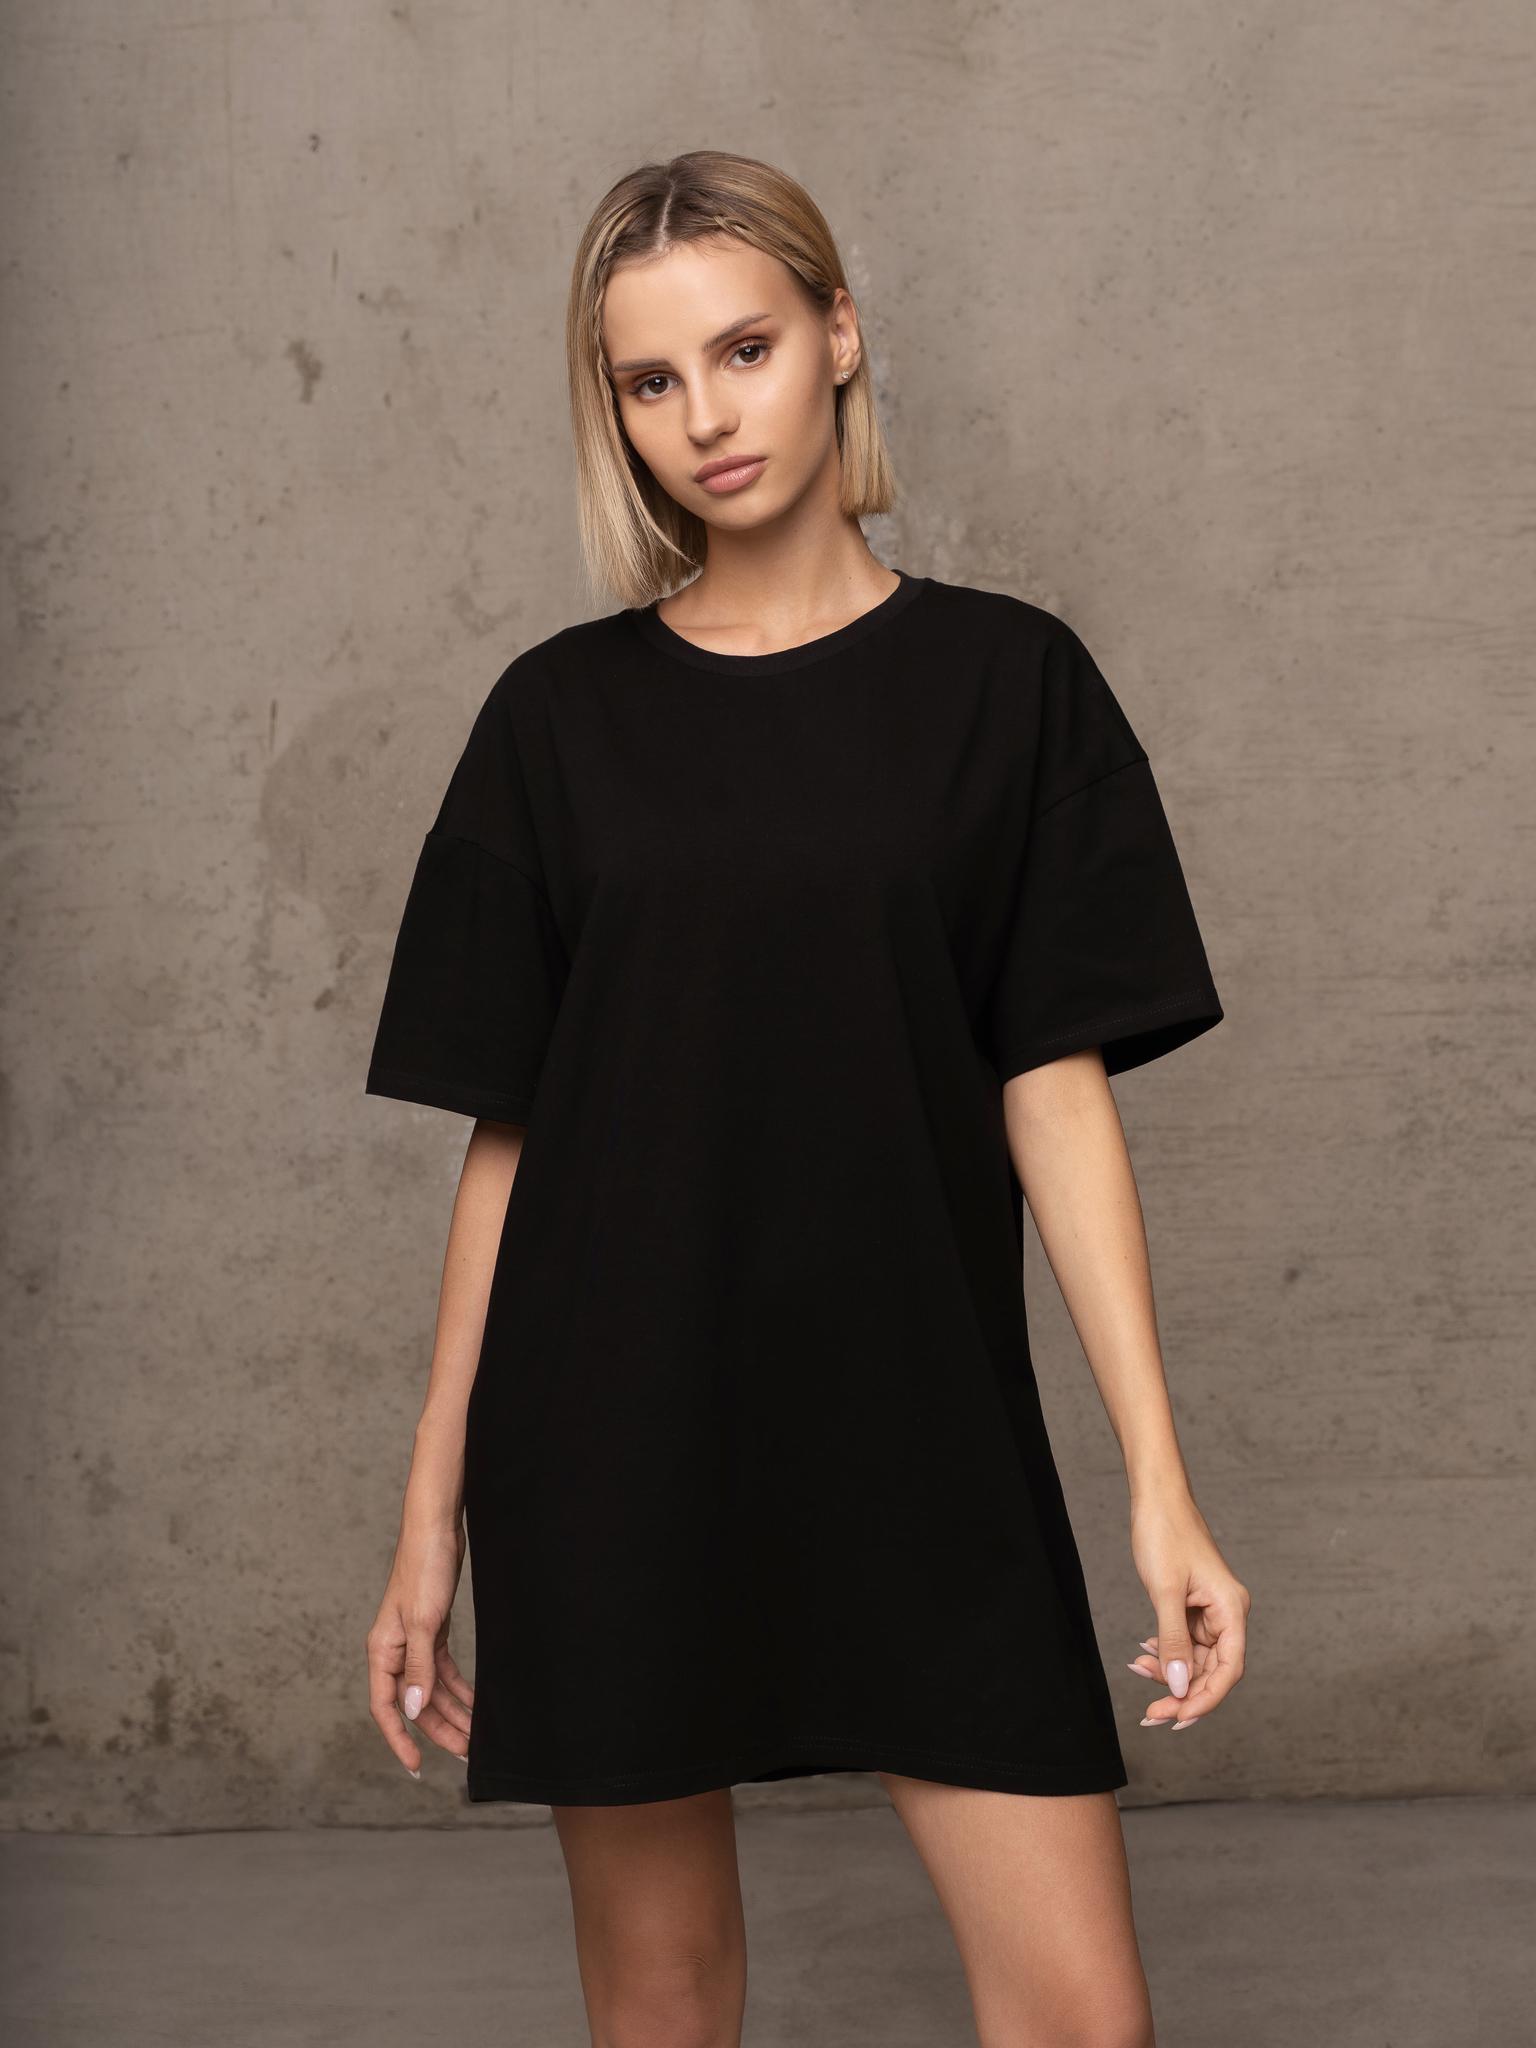 Платье-Футболка Basics Seven, Черный